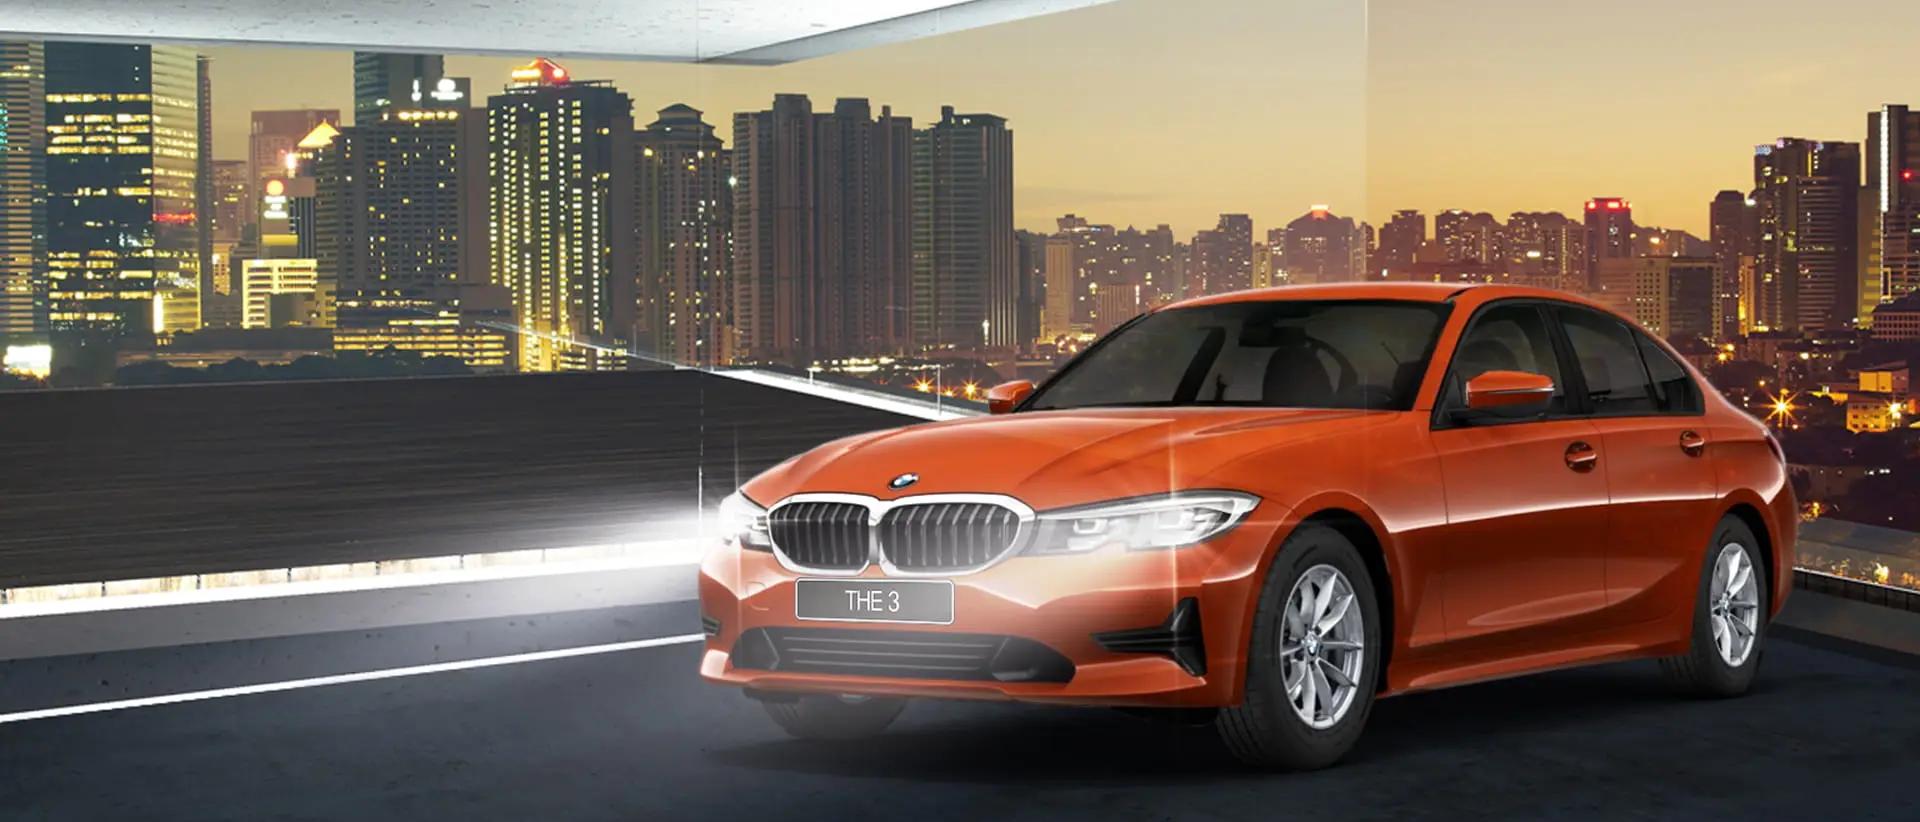 Купить новый БМВ М4 2020-2021 в Москве в автосалоне официального дилера BMW Автодом Внуково